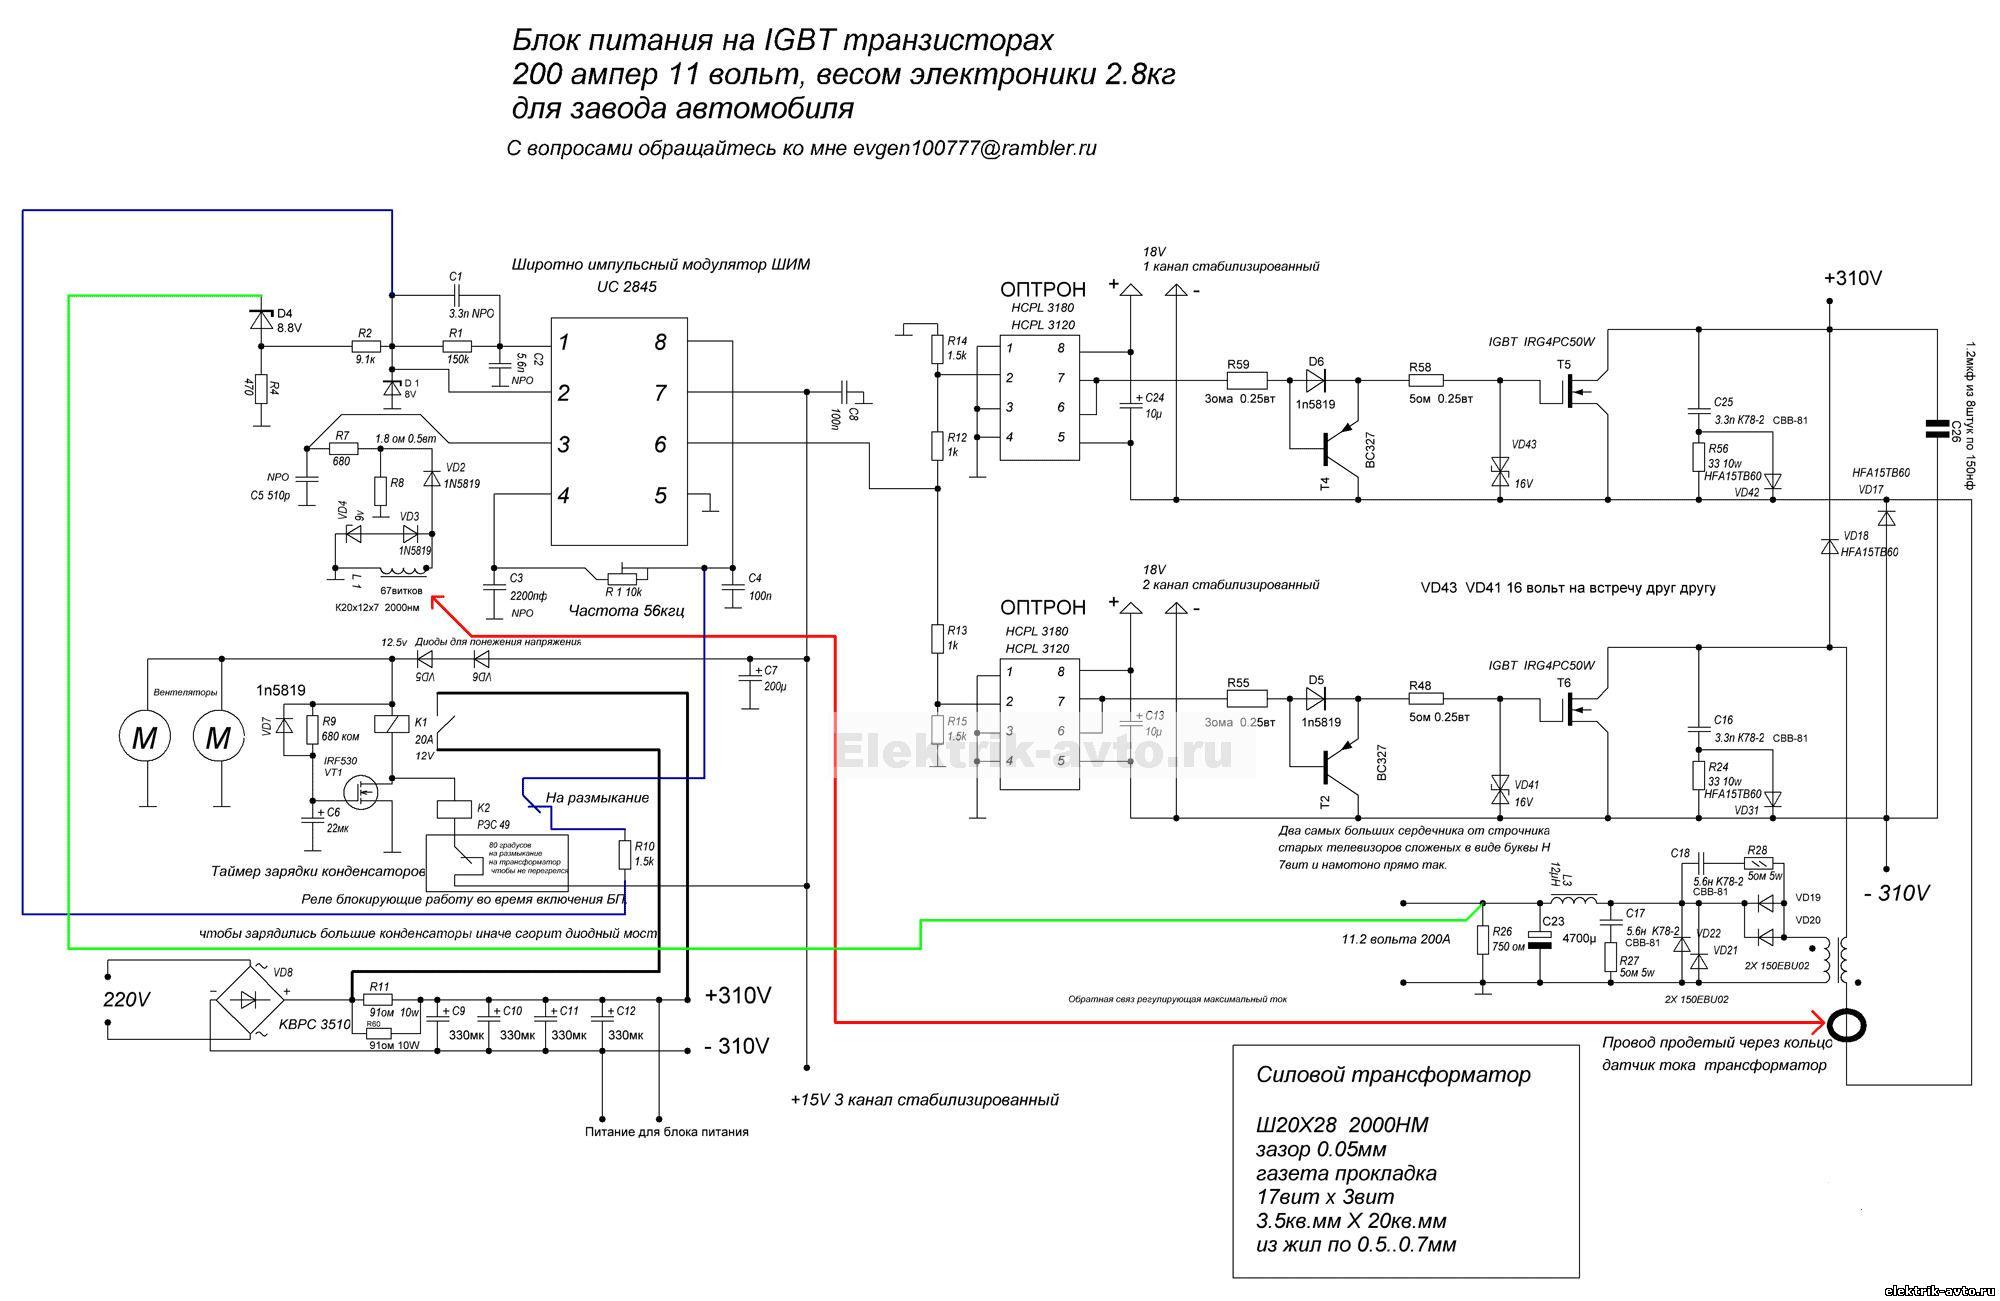 Схема импульсного сварочного трансформатора